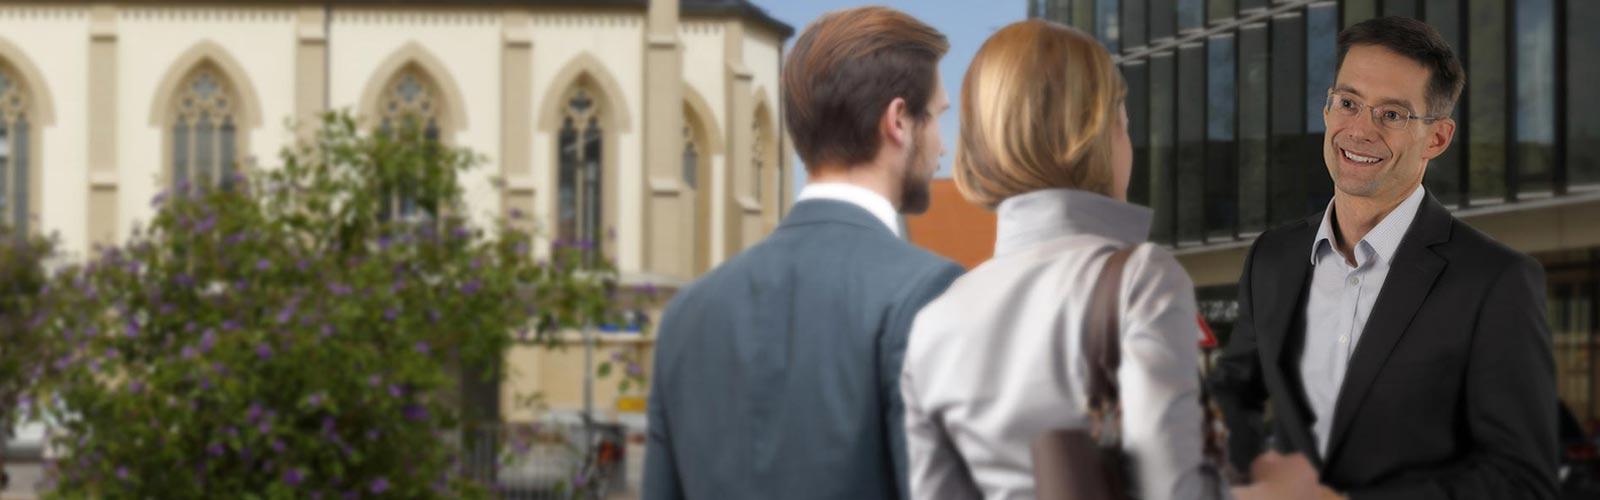 Matthias Gruber, Geschäftsführer der Stadtwerke Walldorf, spricht in der Stadt mit einem Ehepaar.